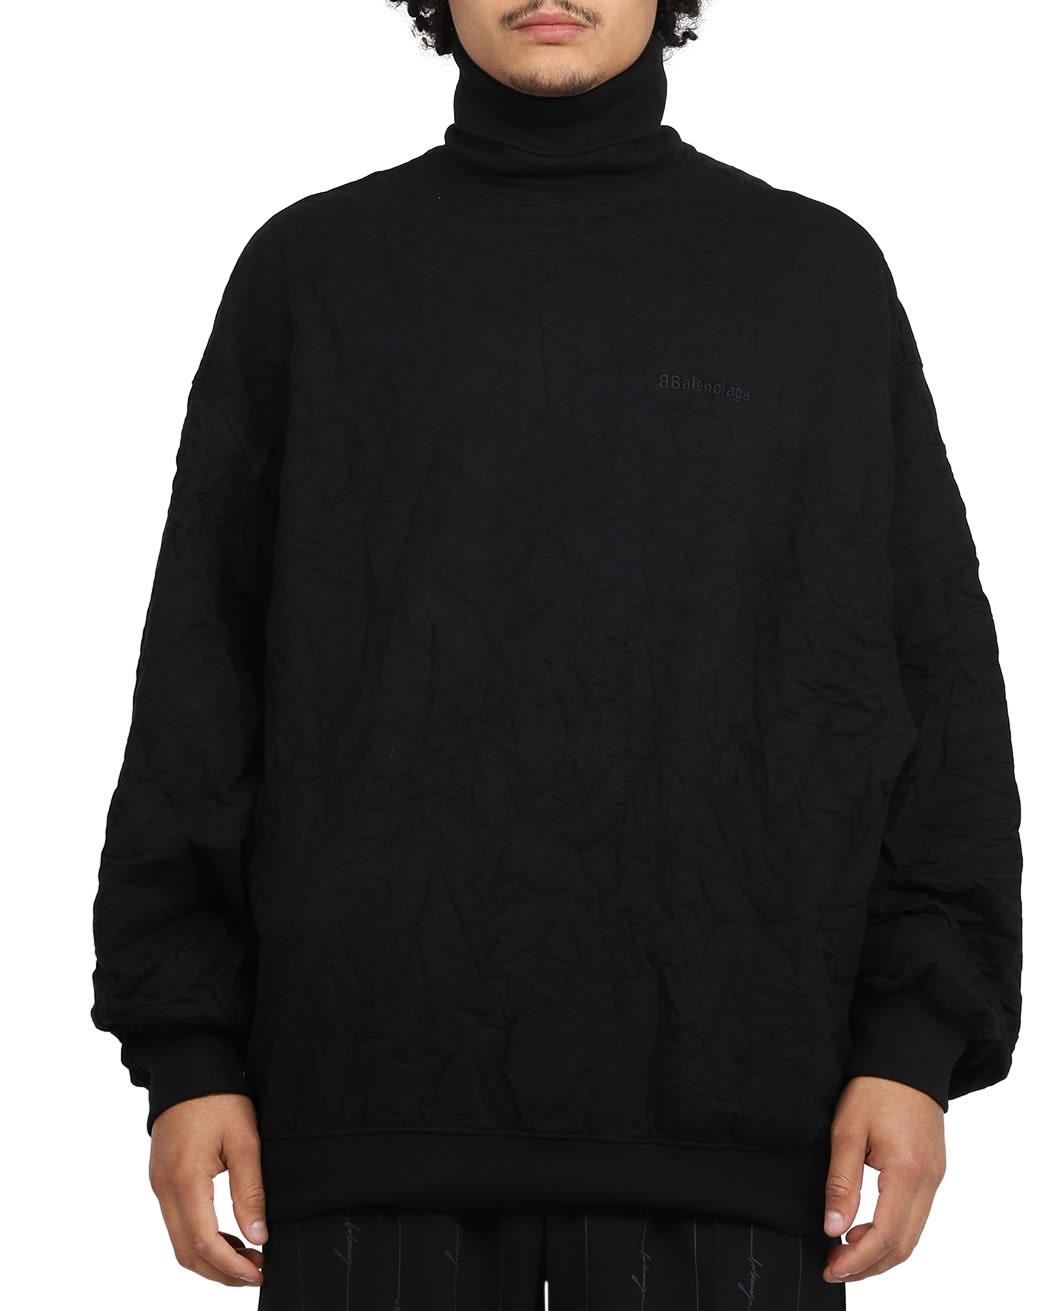 BALENCIAGA BLACK TURTLENECK